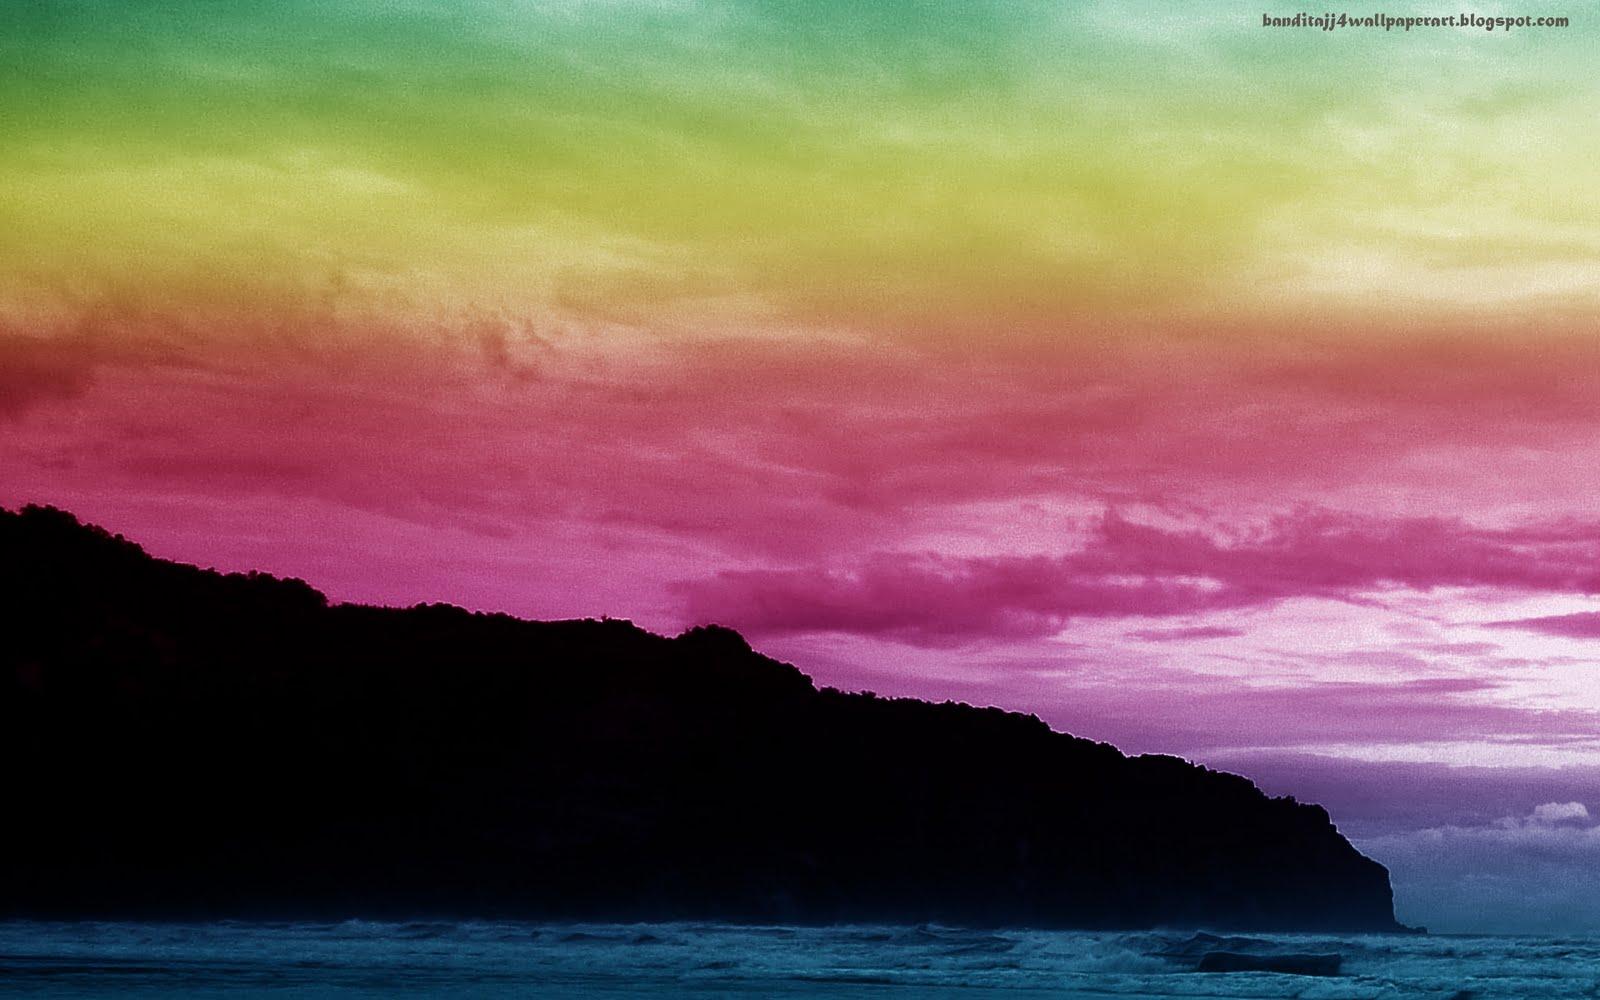 http://1.bp.blogspot.com/-RBfH3BRJjCU/Tv6uTVaDXMI/AAAAAAAABKI/1s_nwdN0-tU/s1600/colorfull-beach-wallpaper-by-banditajj4wallpaperart-1920x1200-HD.jpg